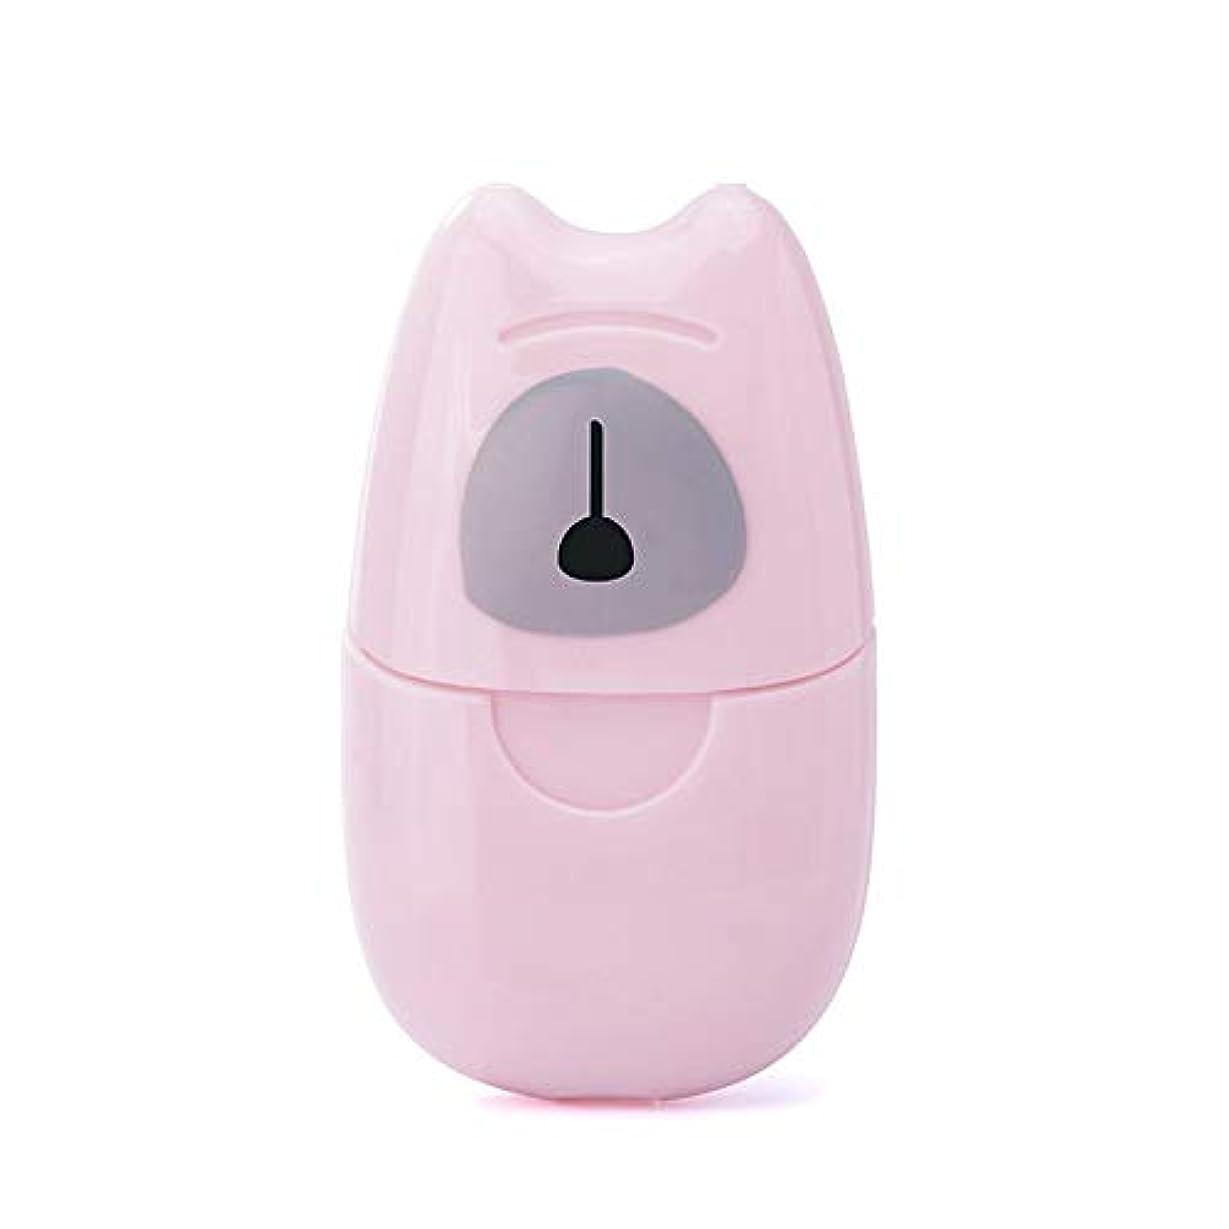 デコレーションシェトランド諸島偽物箱入り石鹸紙旅行ポータブル屋外手洗い石鹸香料入りスライスシート50ピースプラスチックボックス付きミニ石鹸紙-ピンク